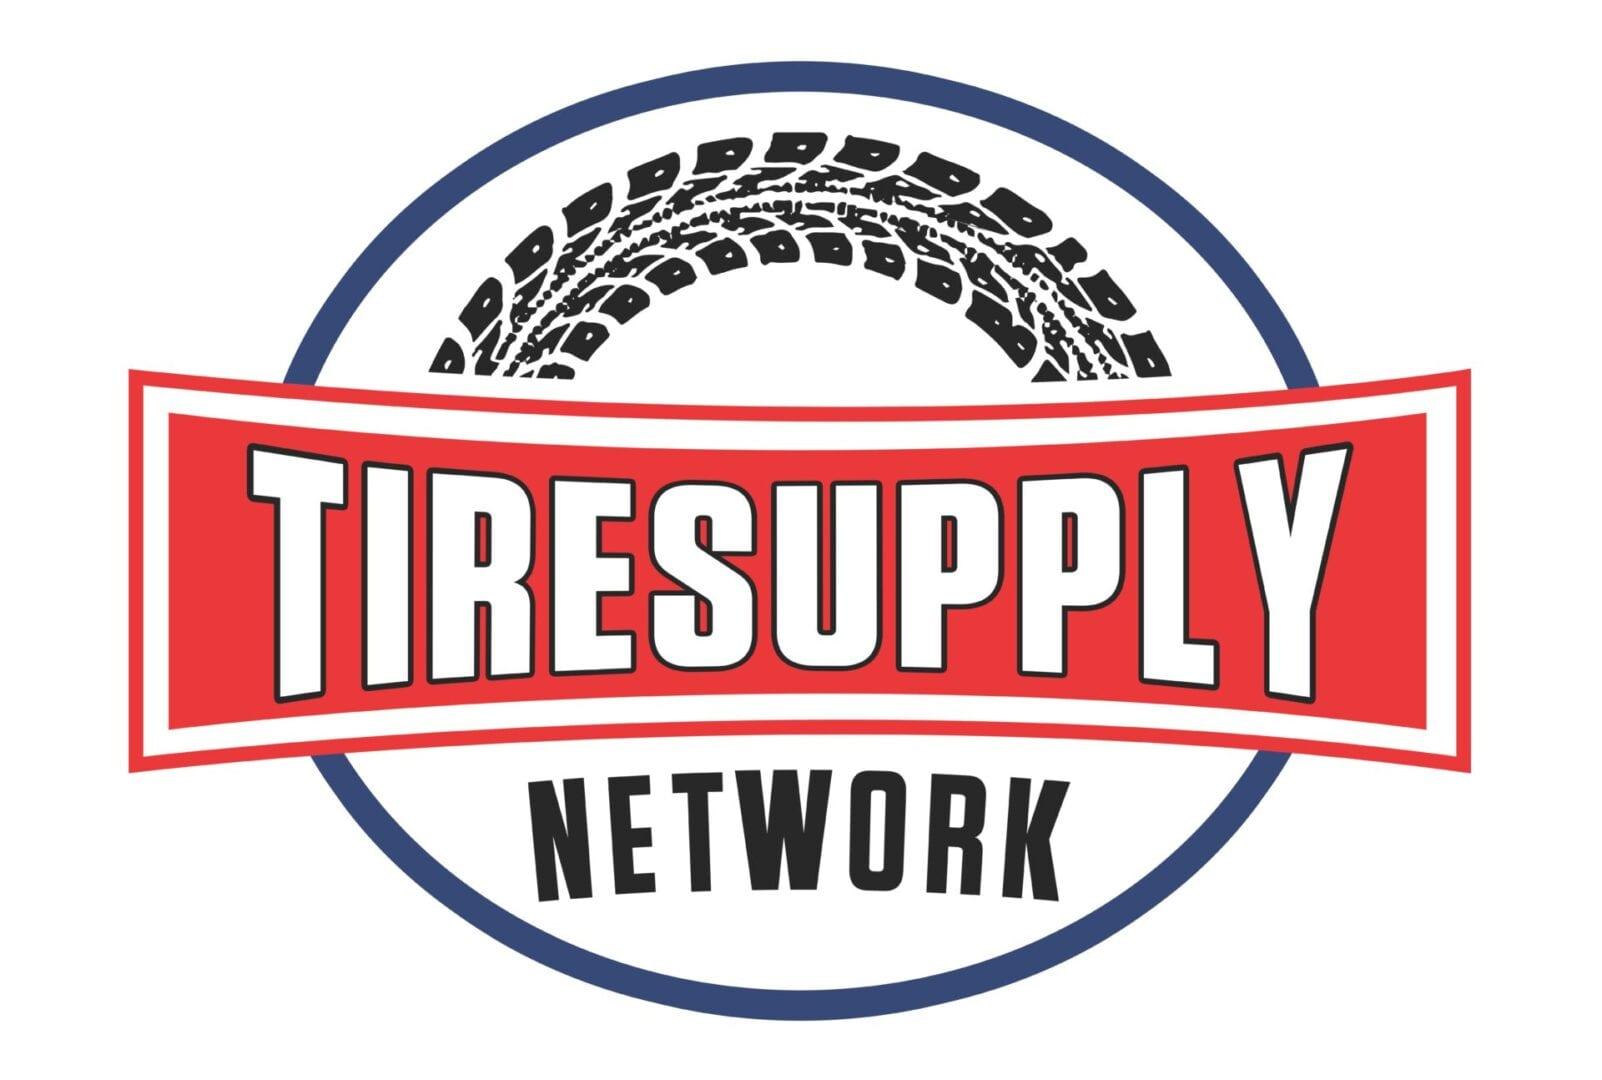 https://www.buytsi.com/wp-content/uploads/2021/02/TSN_logo_v8-1-1-scaled.jpg